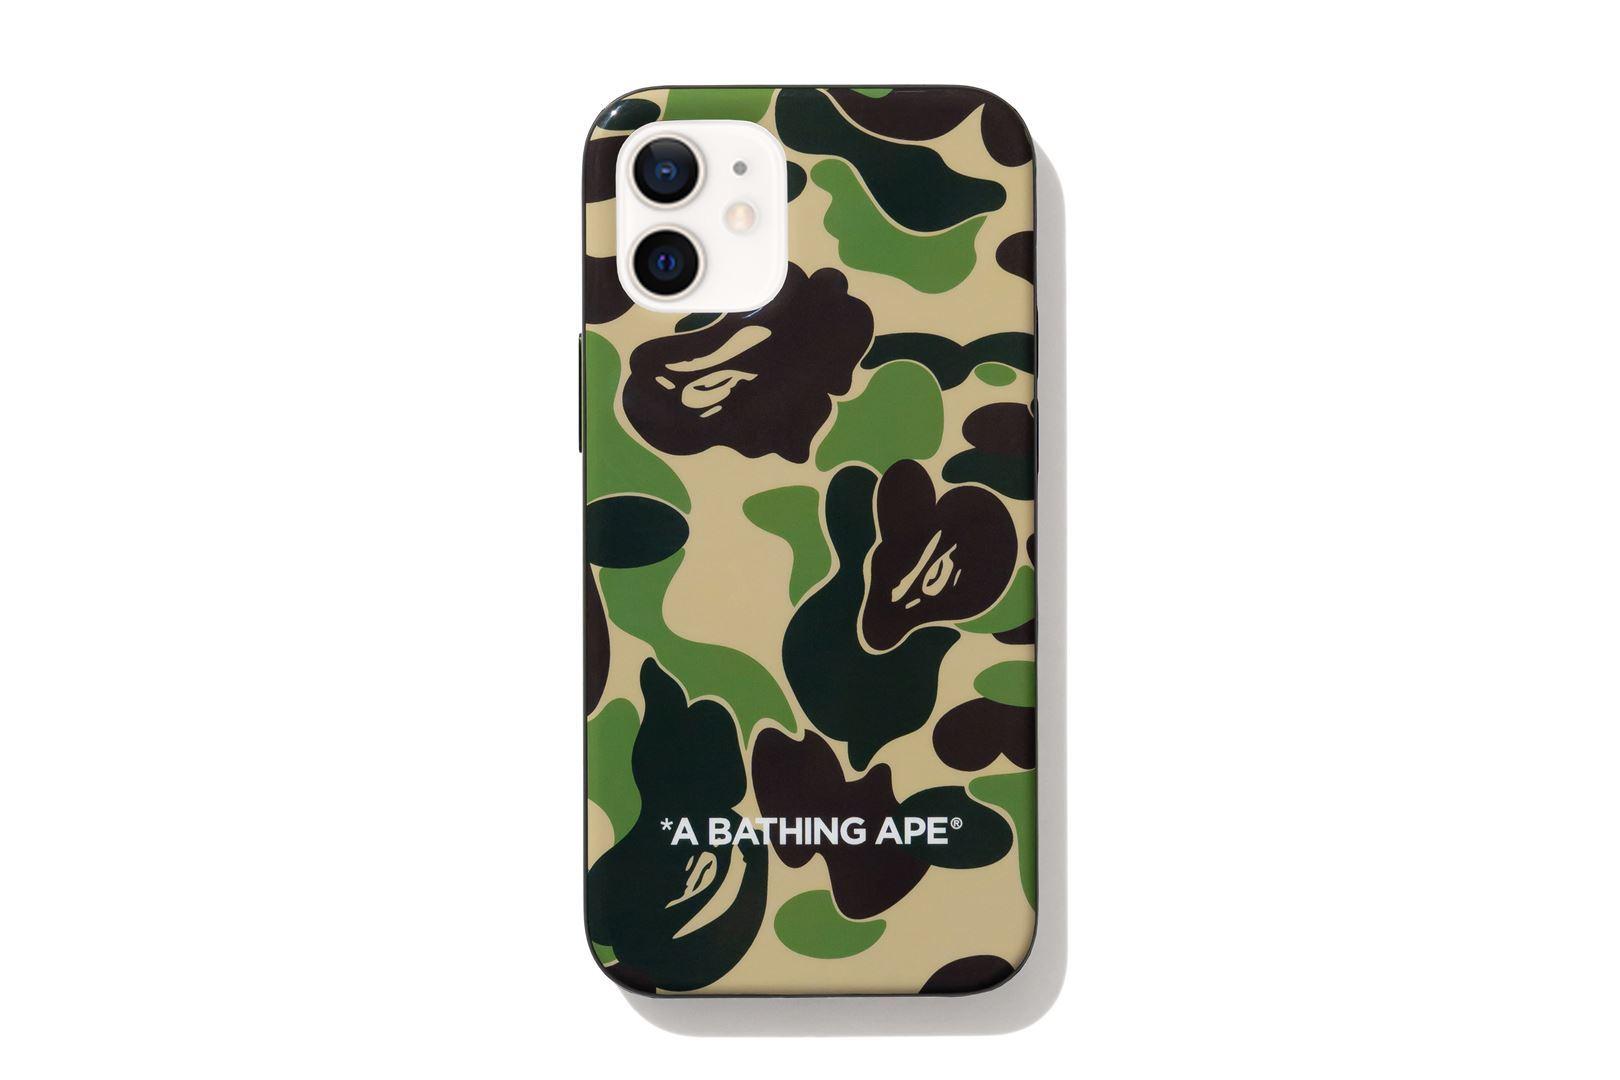 ABC CAMO iPhone 12 / 12 PRO / 12 PRO MAX / 12 MINI CASE_a0174495_12005848.jpg